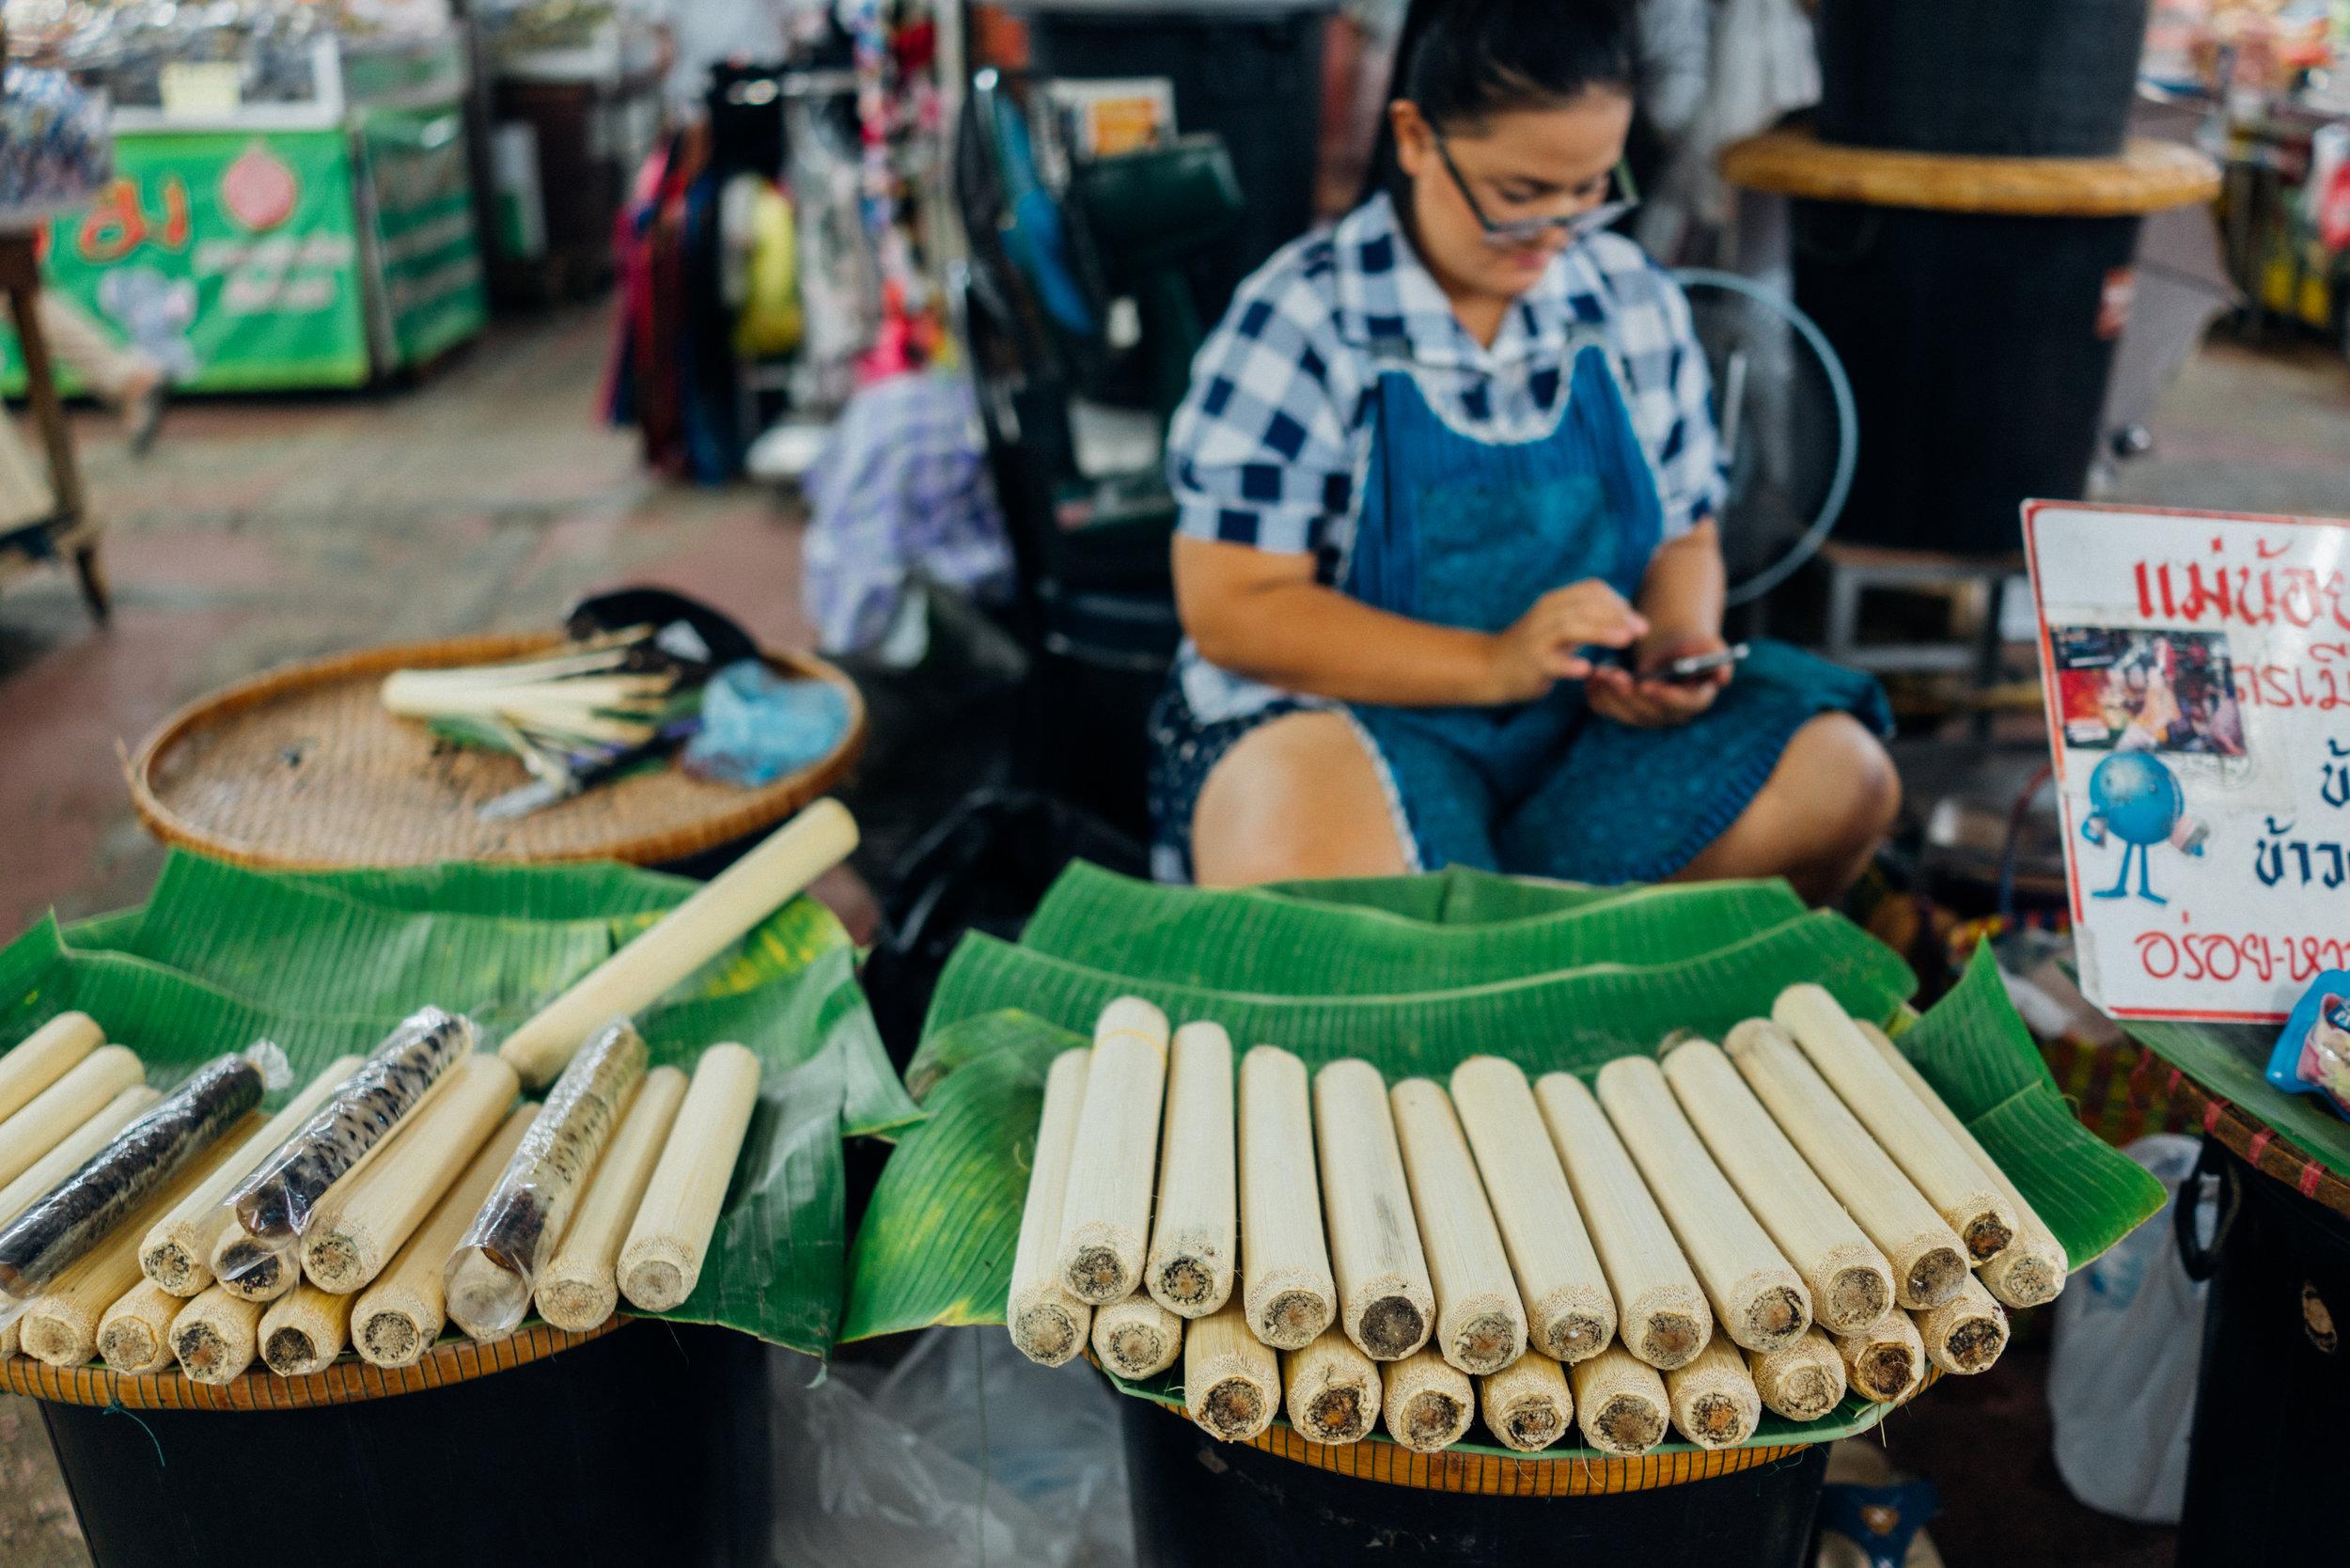 Khao lam vendor at Warorot Market